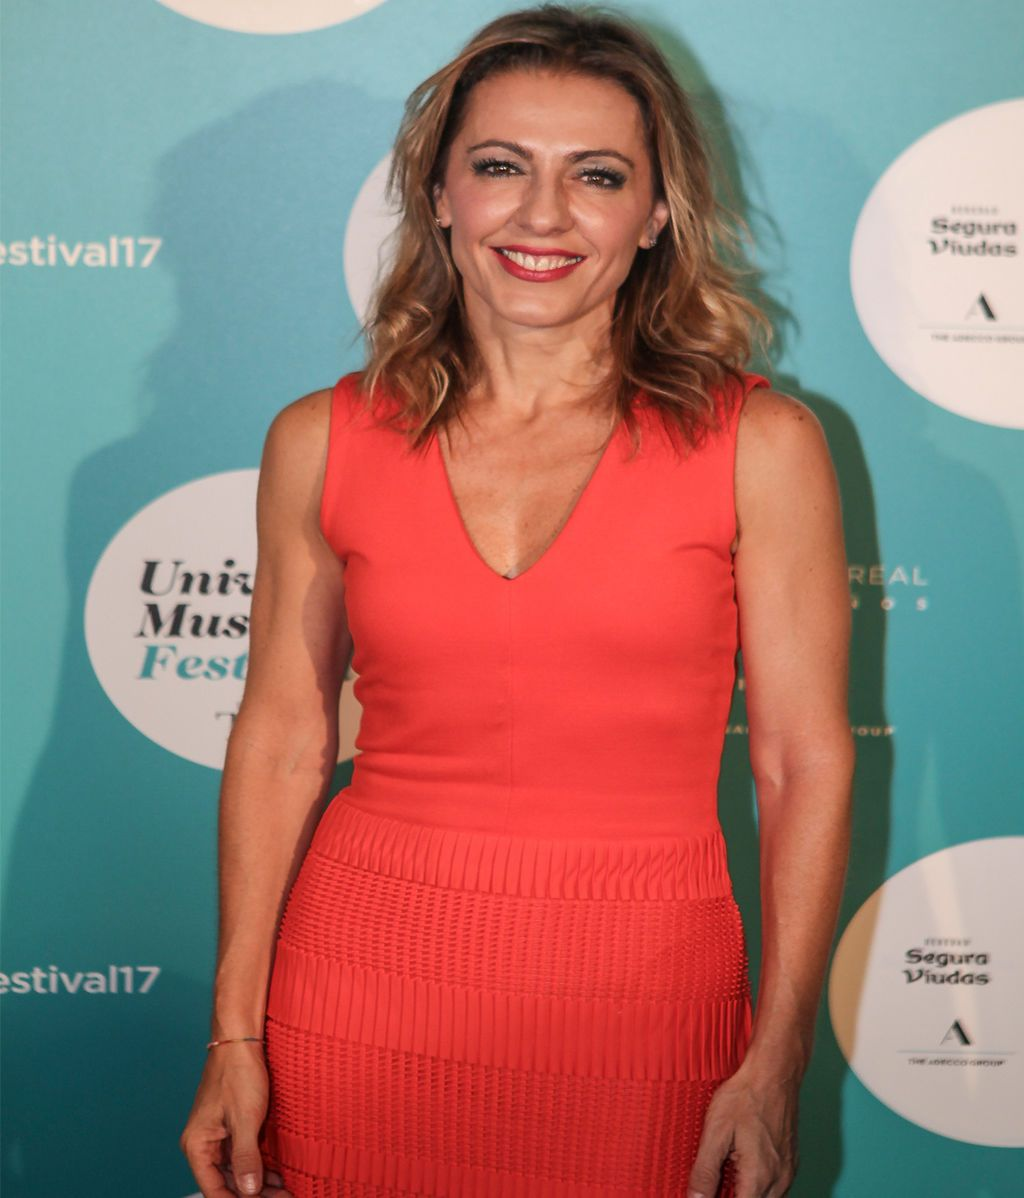 La periodista Ángeles Blanco lució un vestido ajustado en color coral